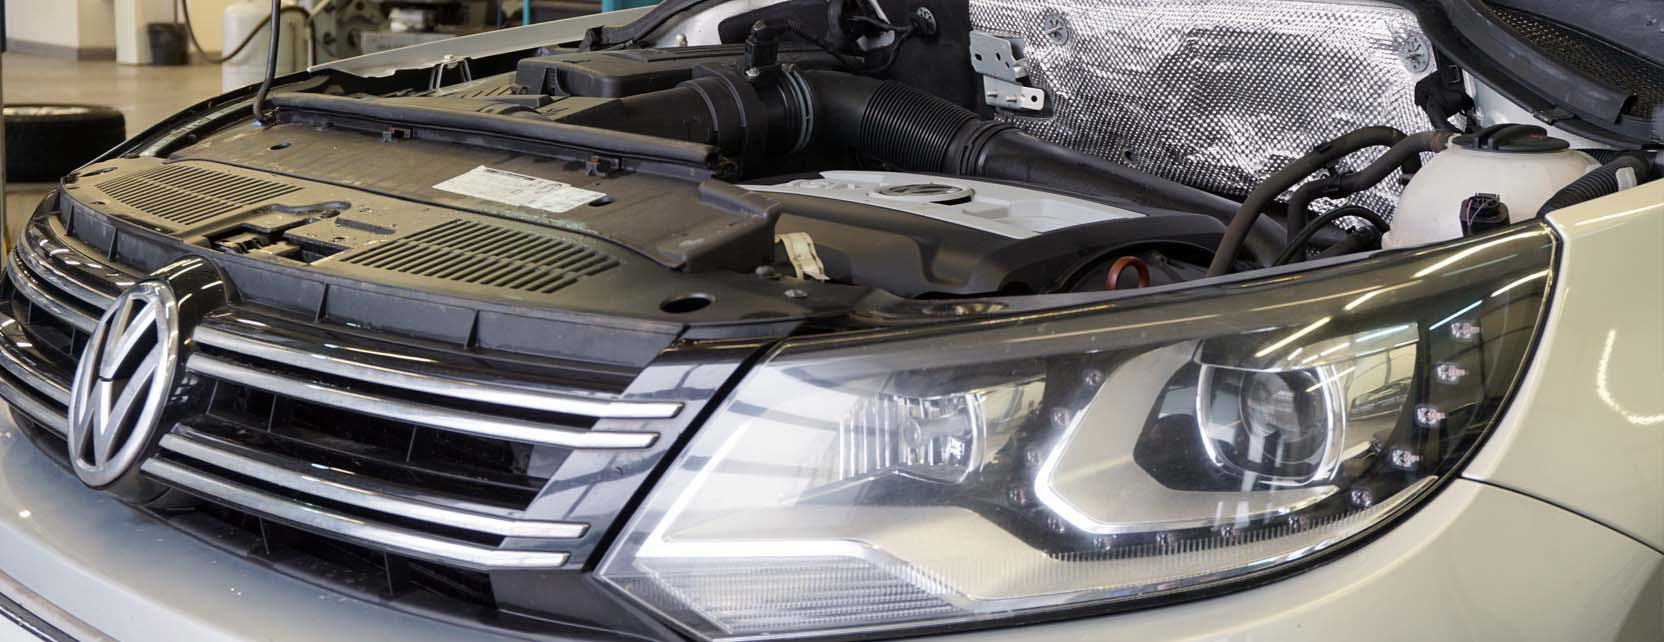 VW Ersatzteile online kaufen bei Autoteile Preiswert